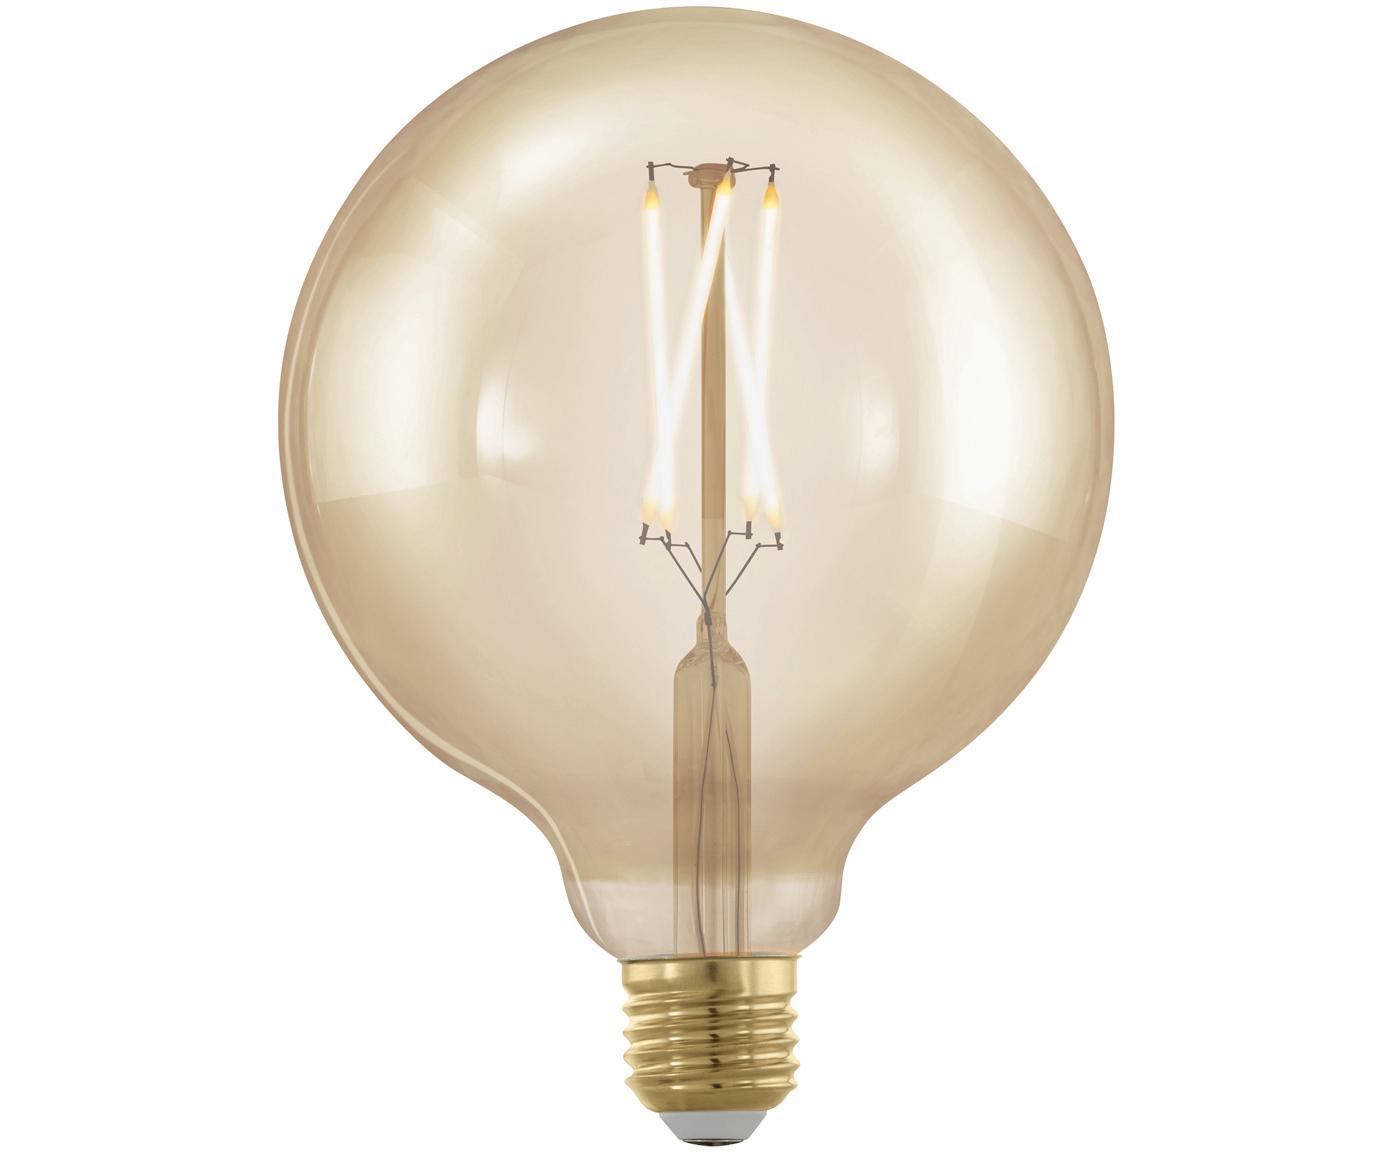 XL LED Leuchtmittel Cross für warmes Licht (E27/4W), 5 Stück, Leuchtmittelschirm: Glas, Leuchtmittelfassung: Aluminium, Transparent, Bernsteinfarben, Ø 13 x H 17 cm